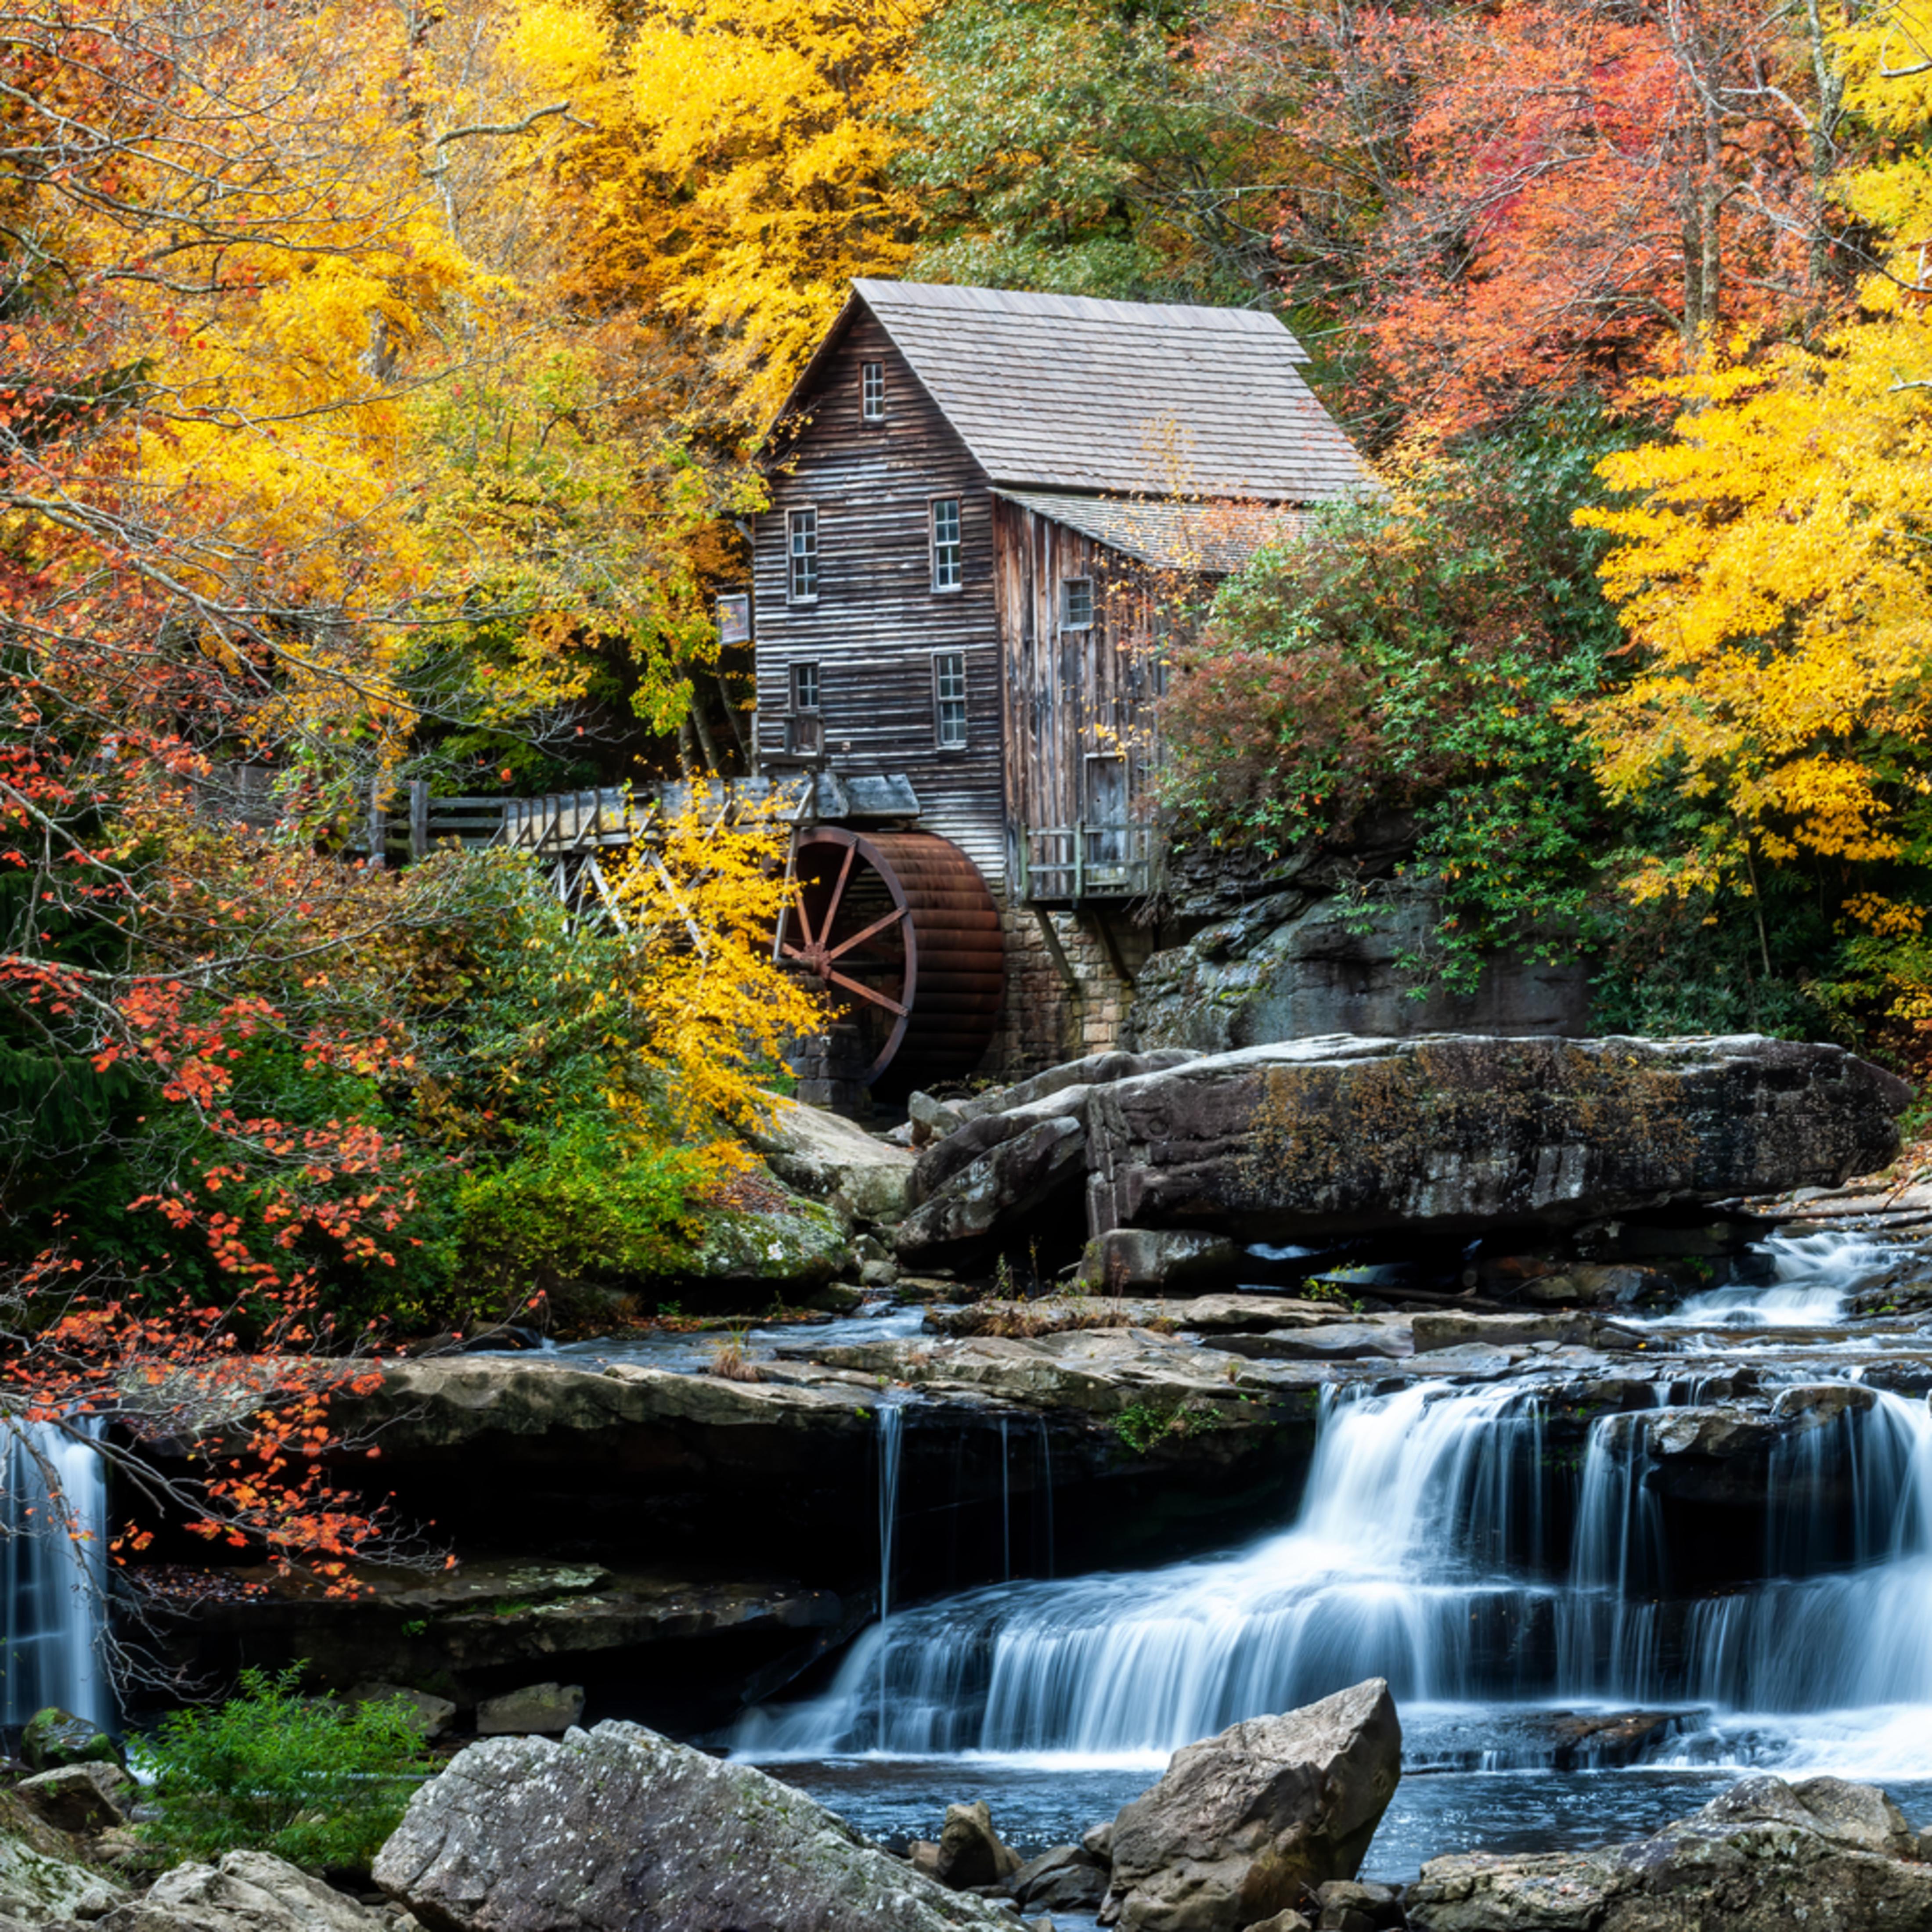 Appalachian beauty gkafa6